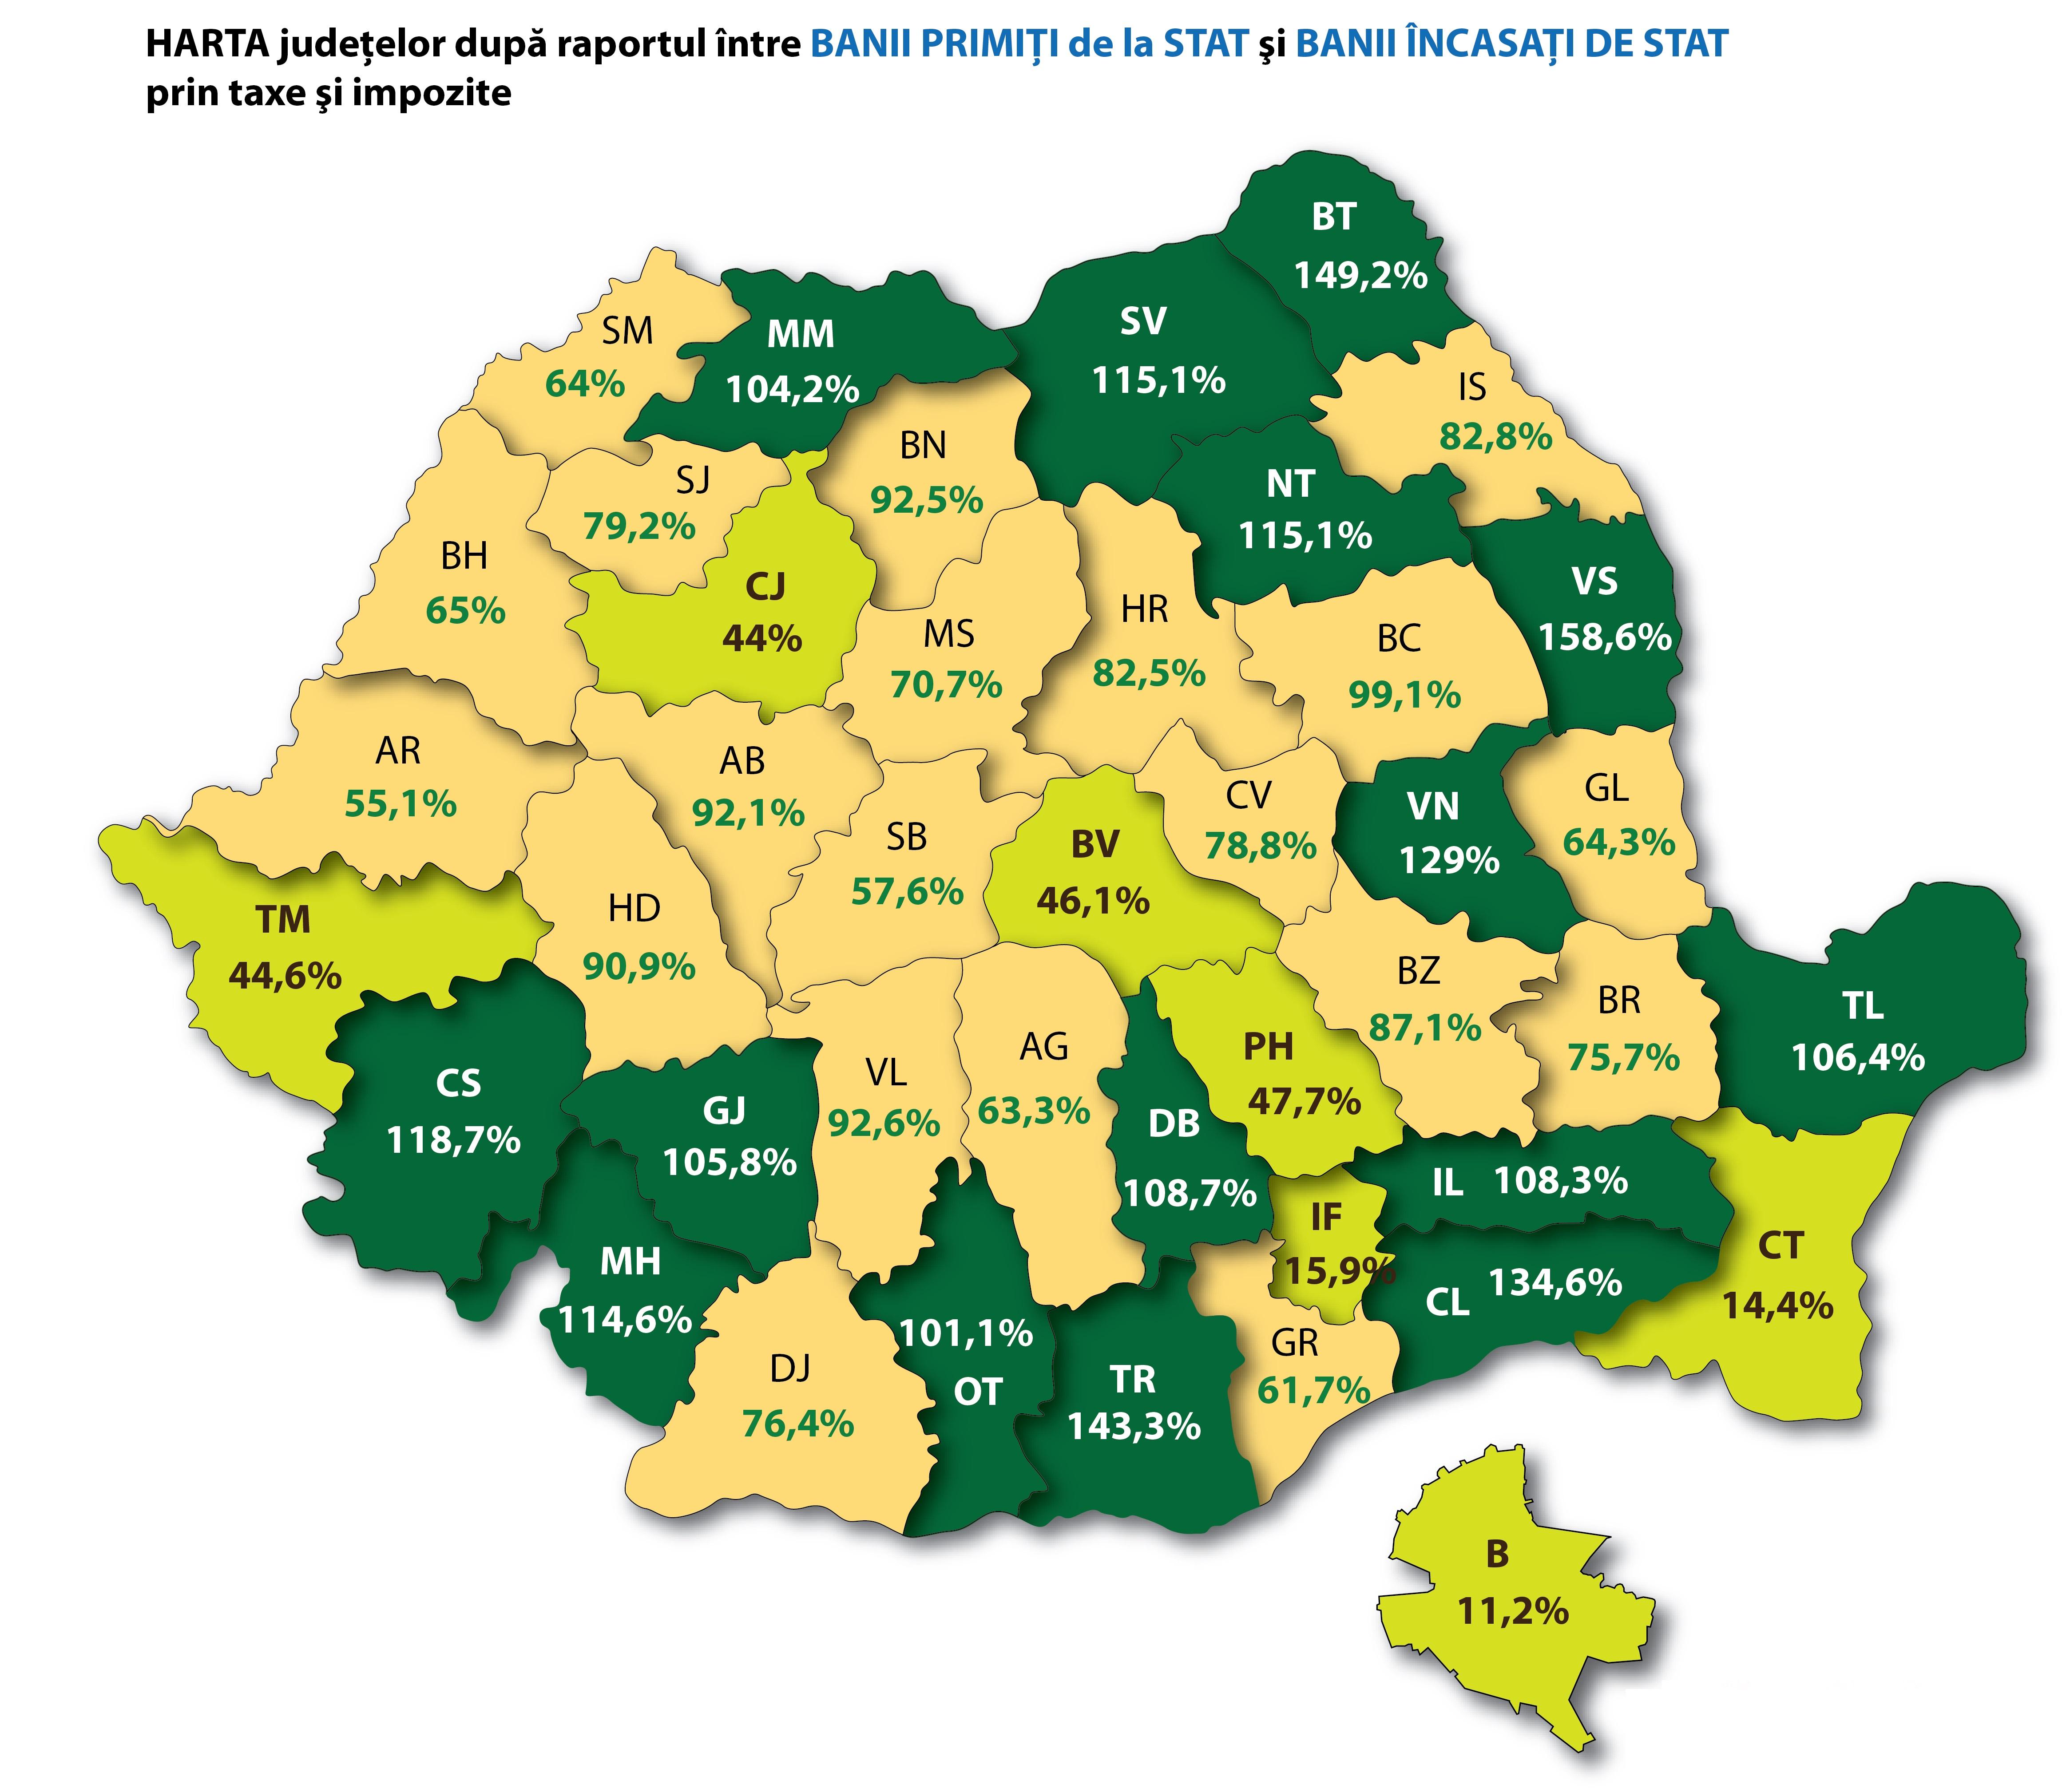 Harta Banilor Din Romania Cat Dă Si Cat Primeste Inapoi De La